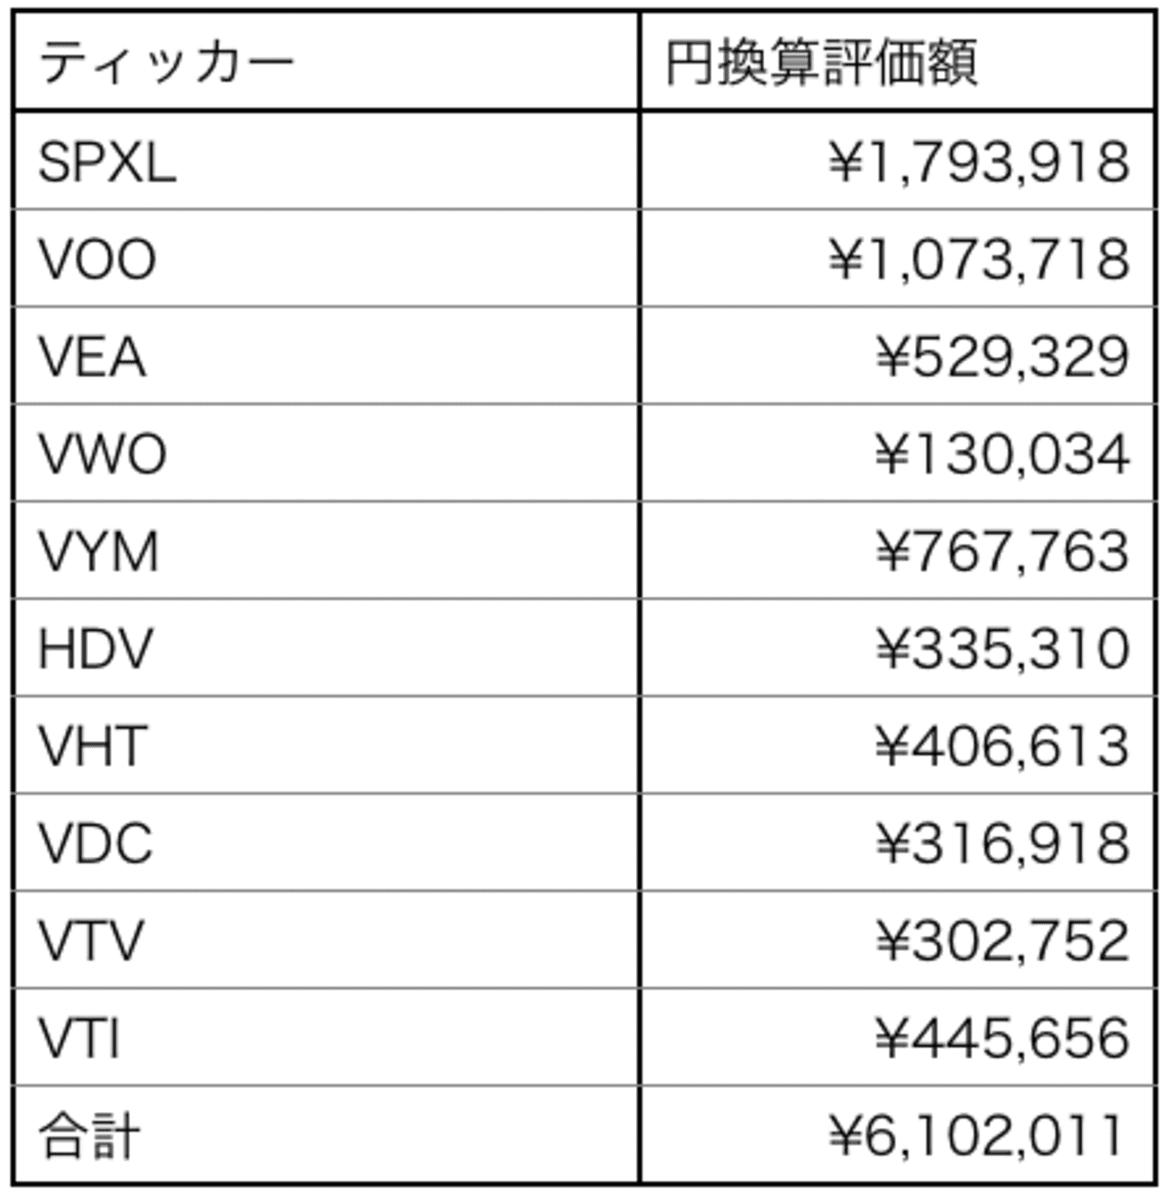 今月の資産額表